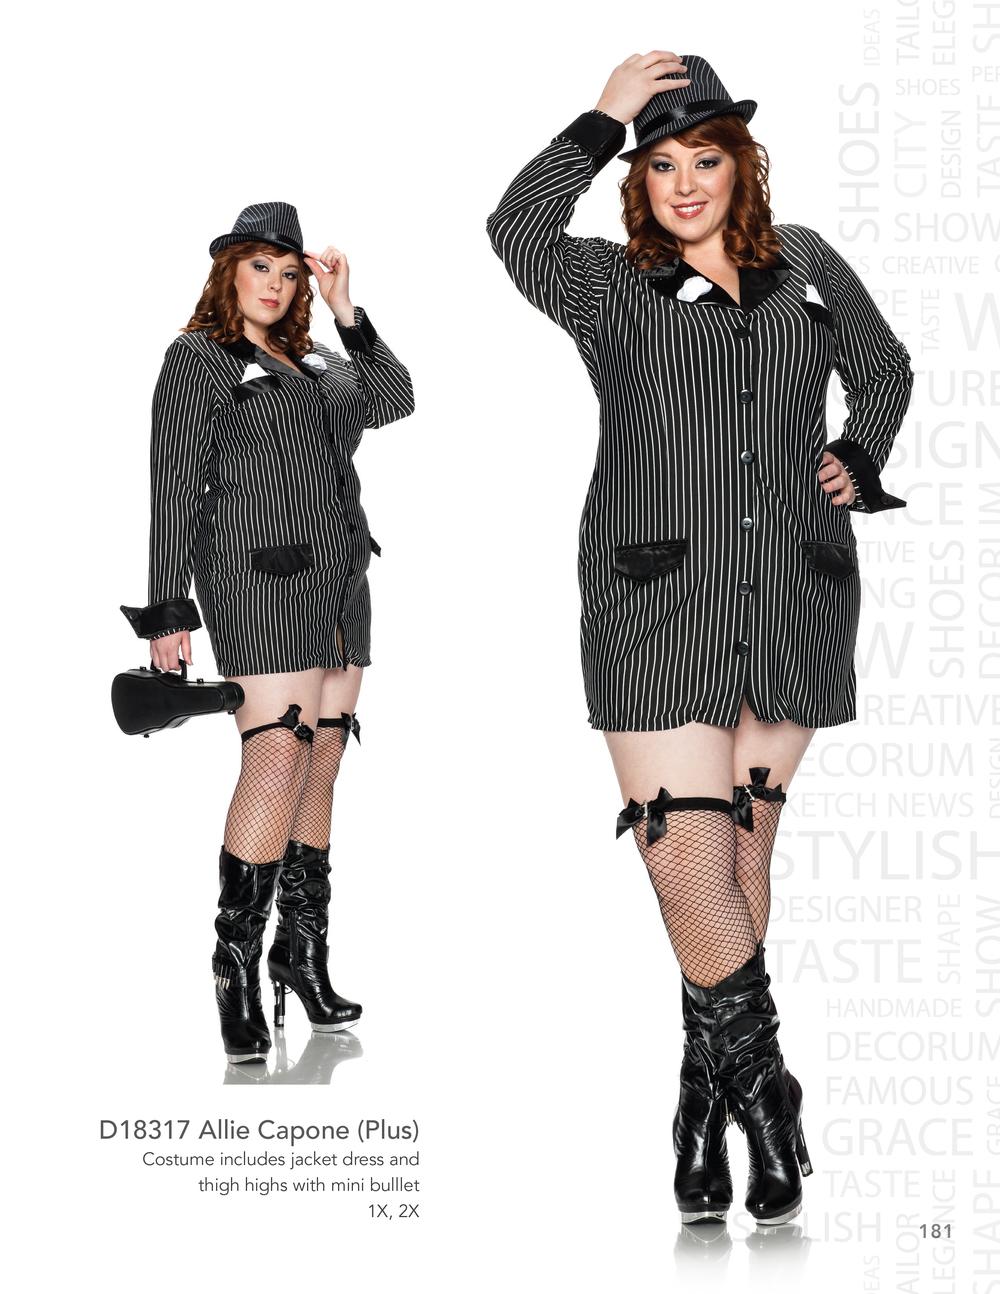 D18317 Allie Capone